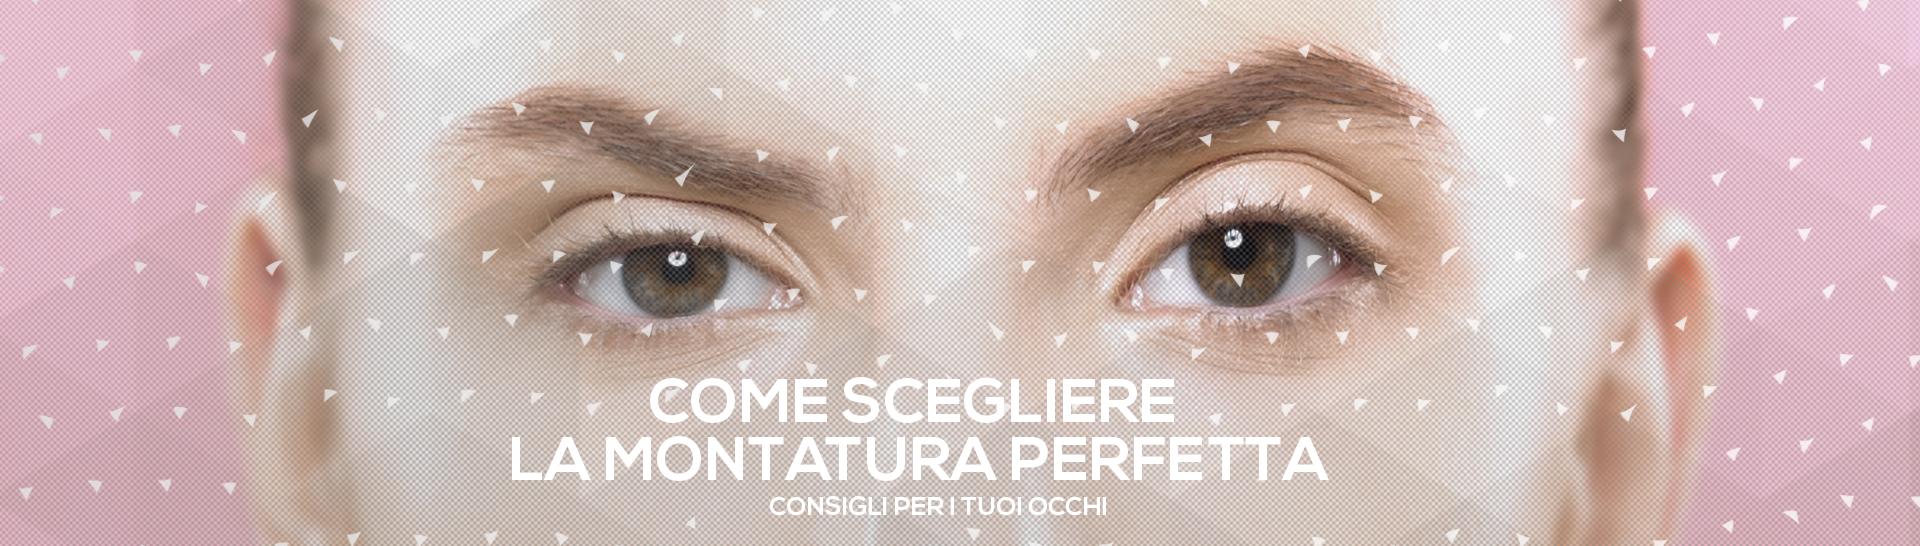 Scegliere_la_Montatura_perfetta